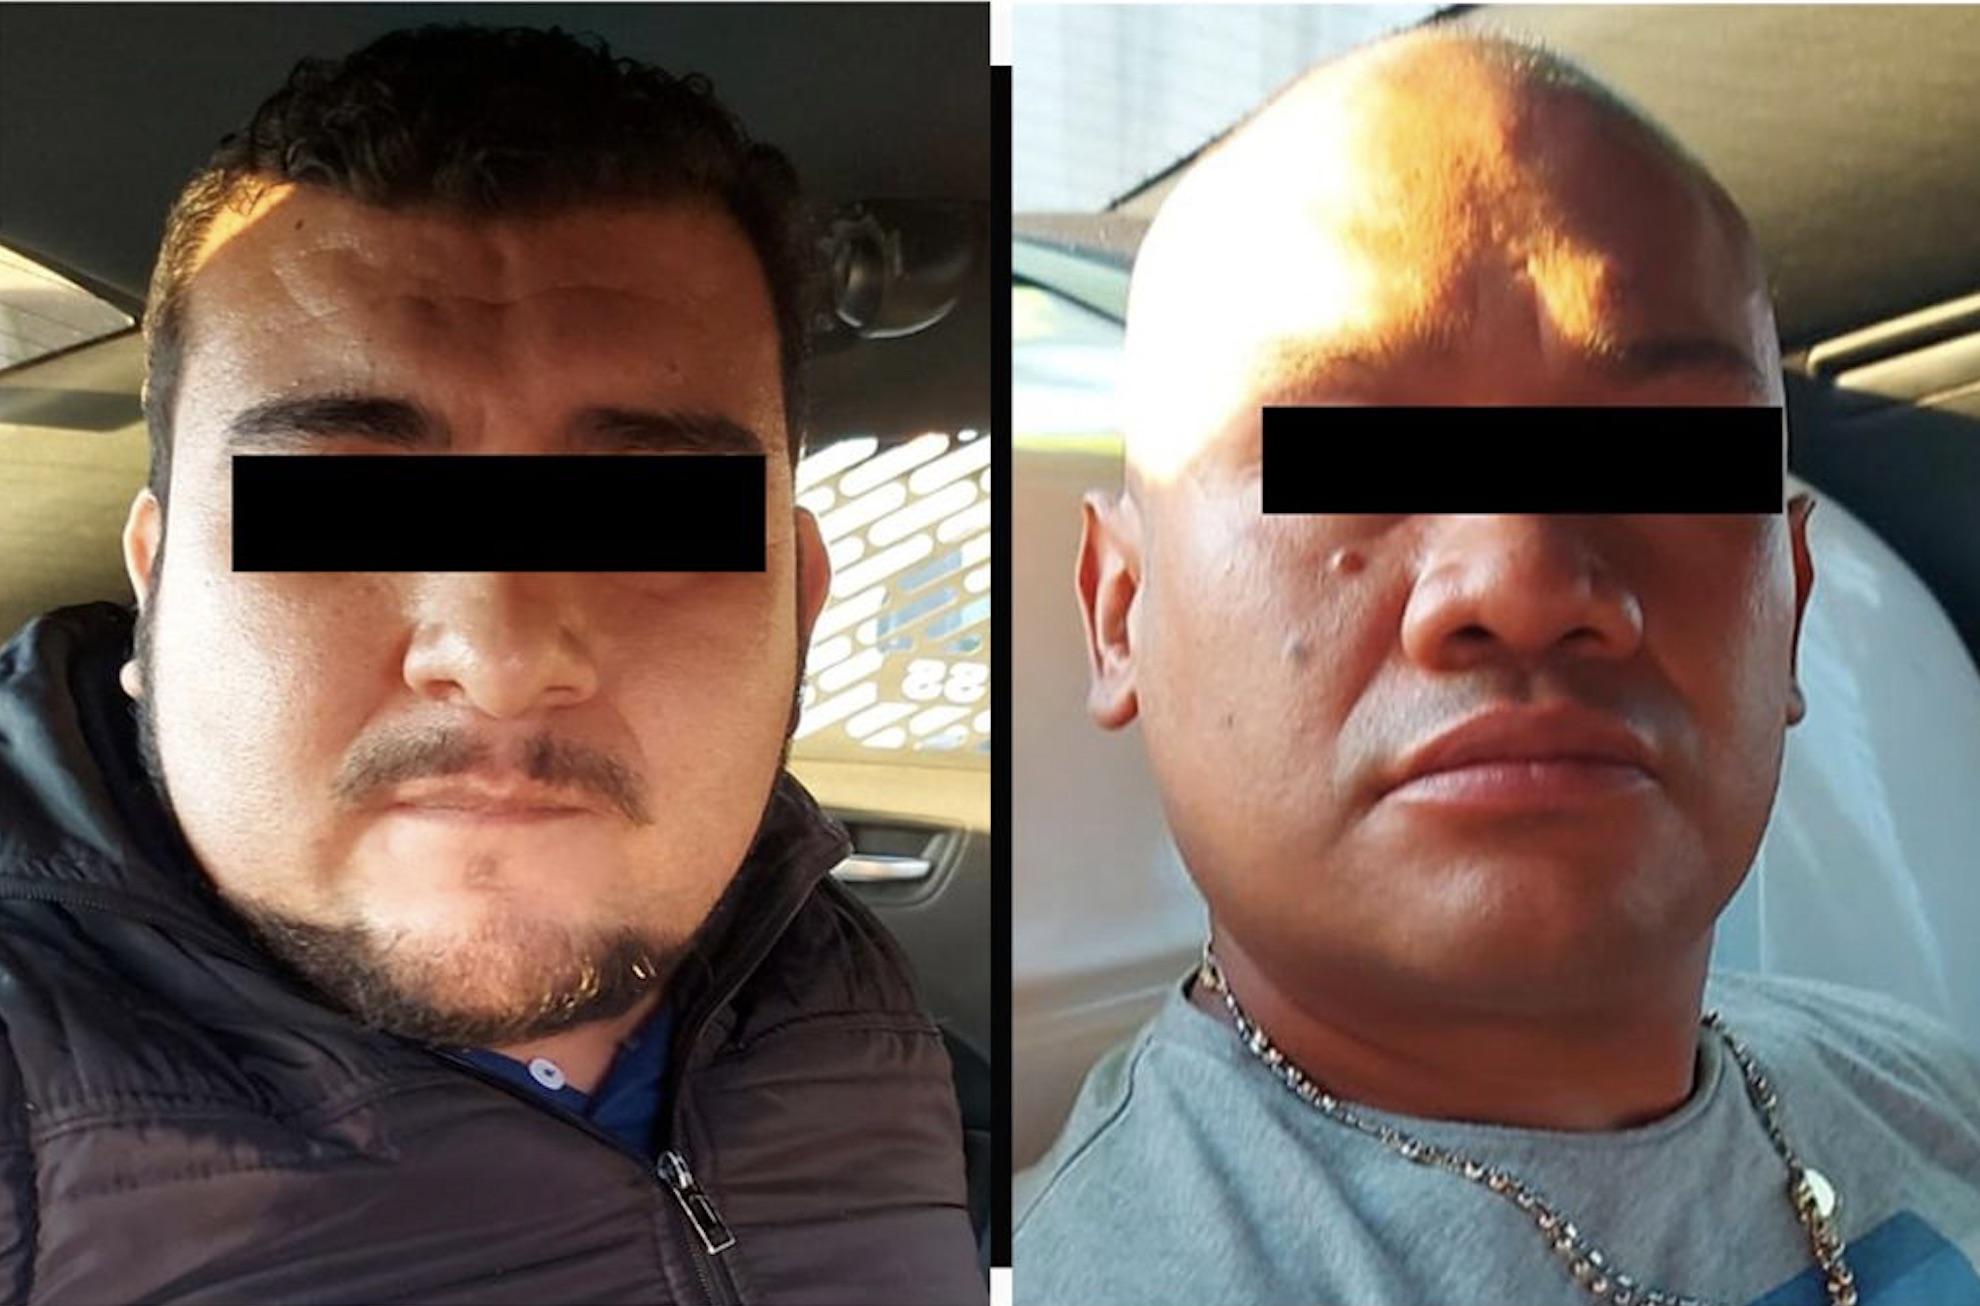 DETIENEN EN FLAGRANCIA A DOS SUJETOS POSIBLES IMPLICADOS EN EL DELITO DE ROBO DE VEHÍCULO